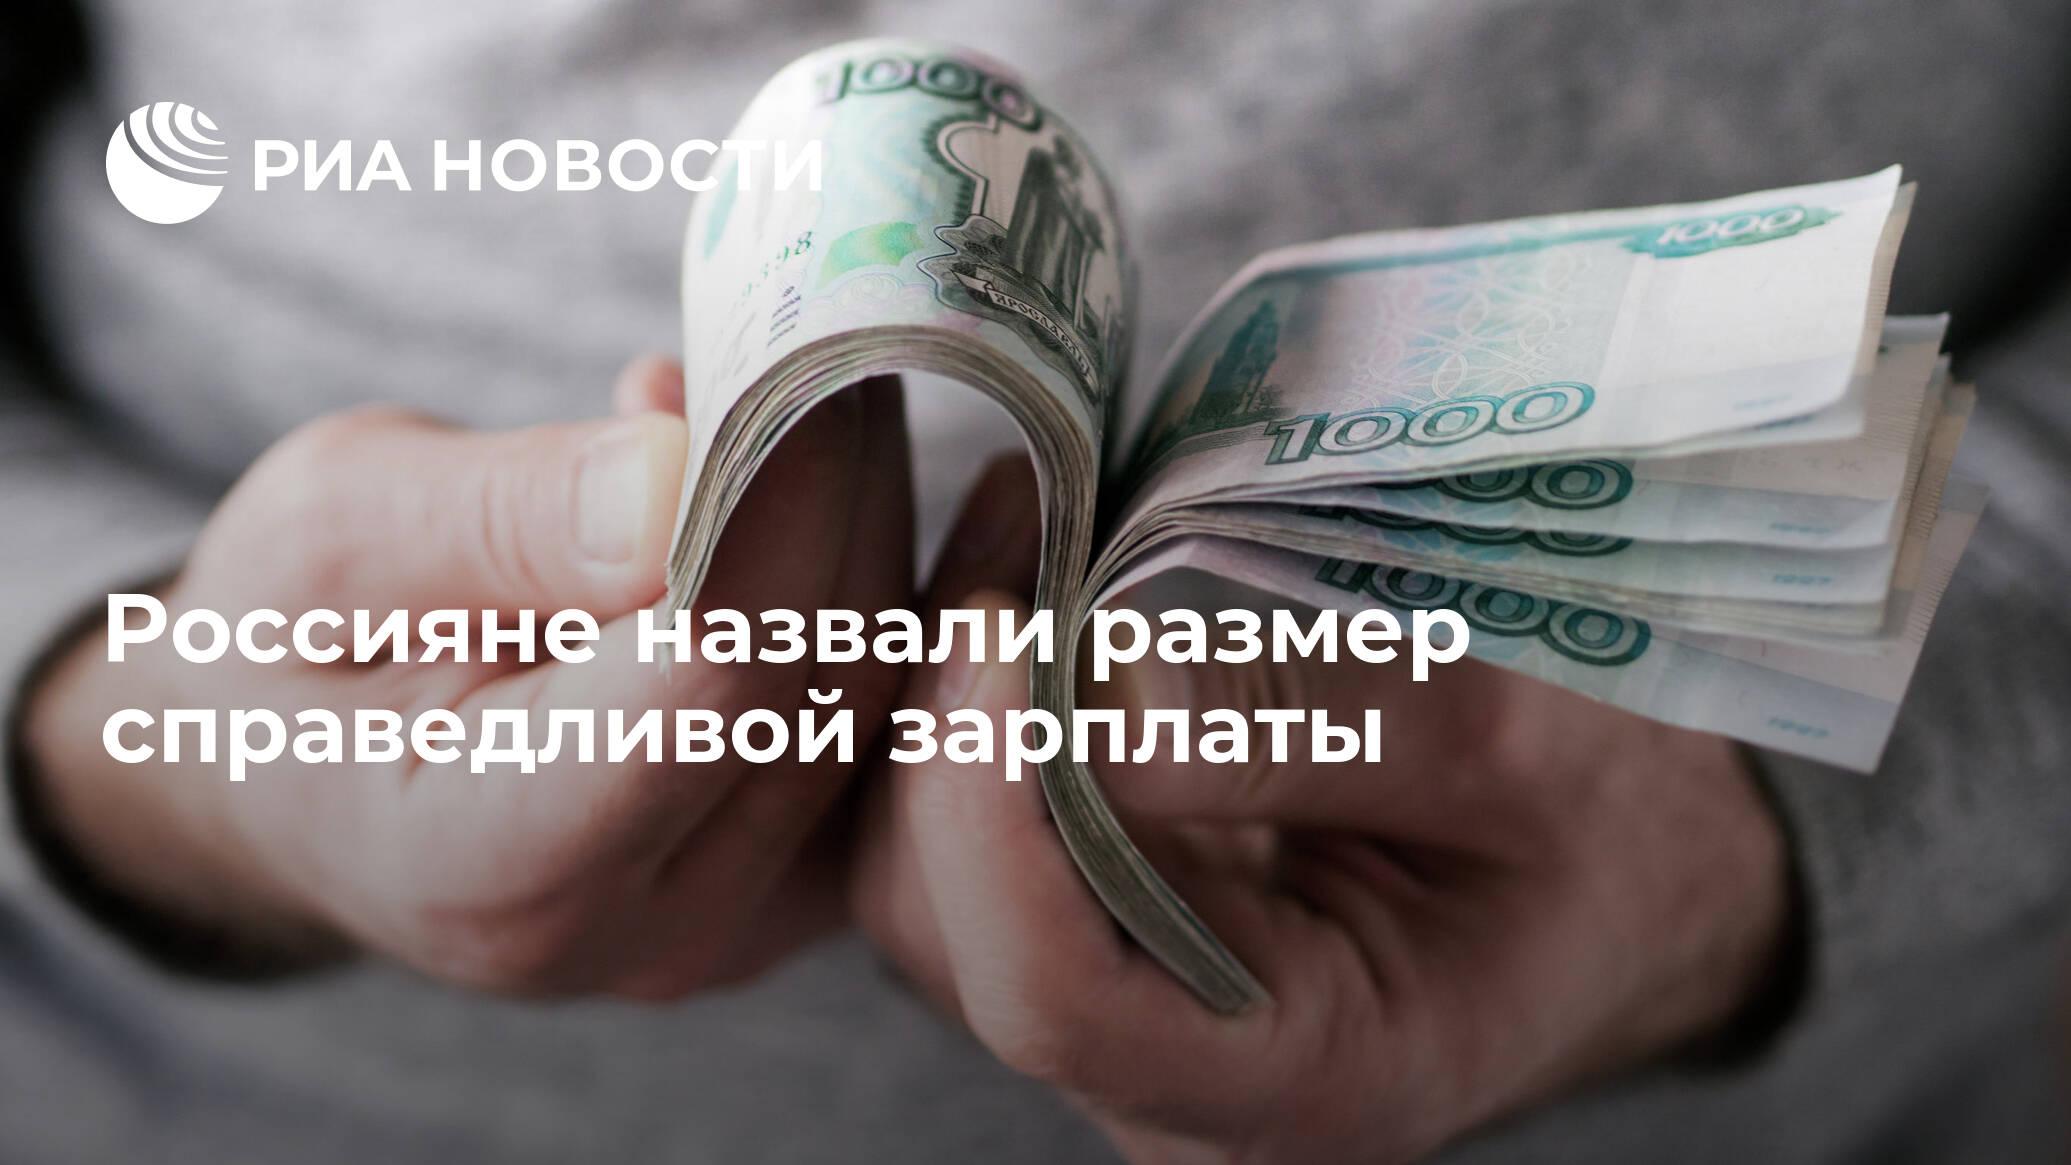 Россияне назвали размер справедливой зарплаты - РИА ...